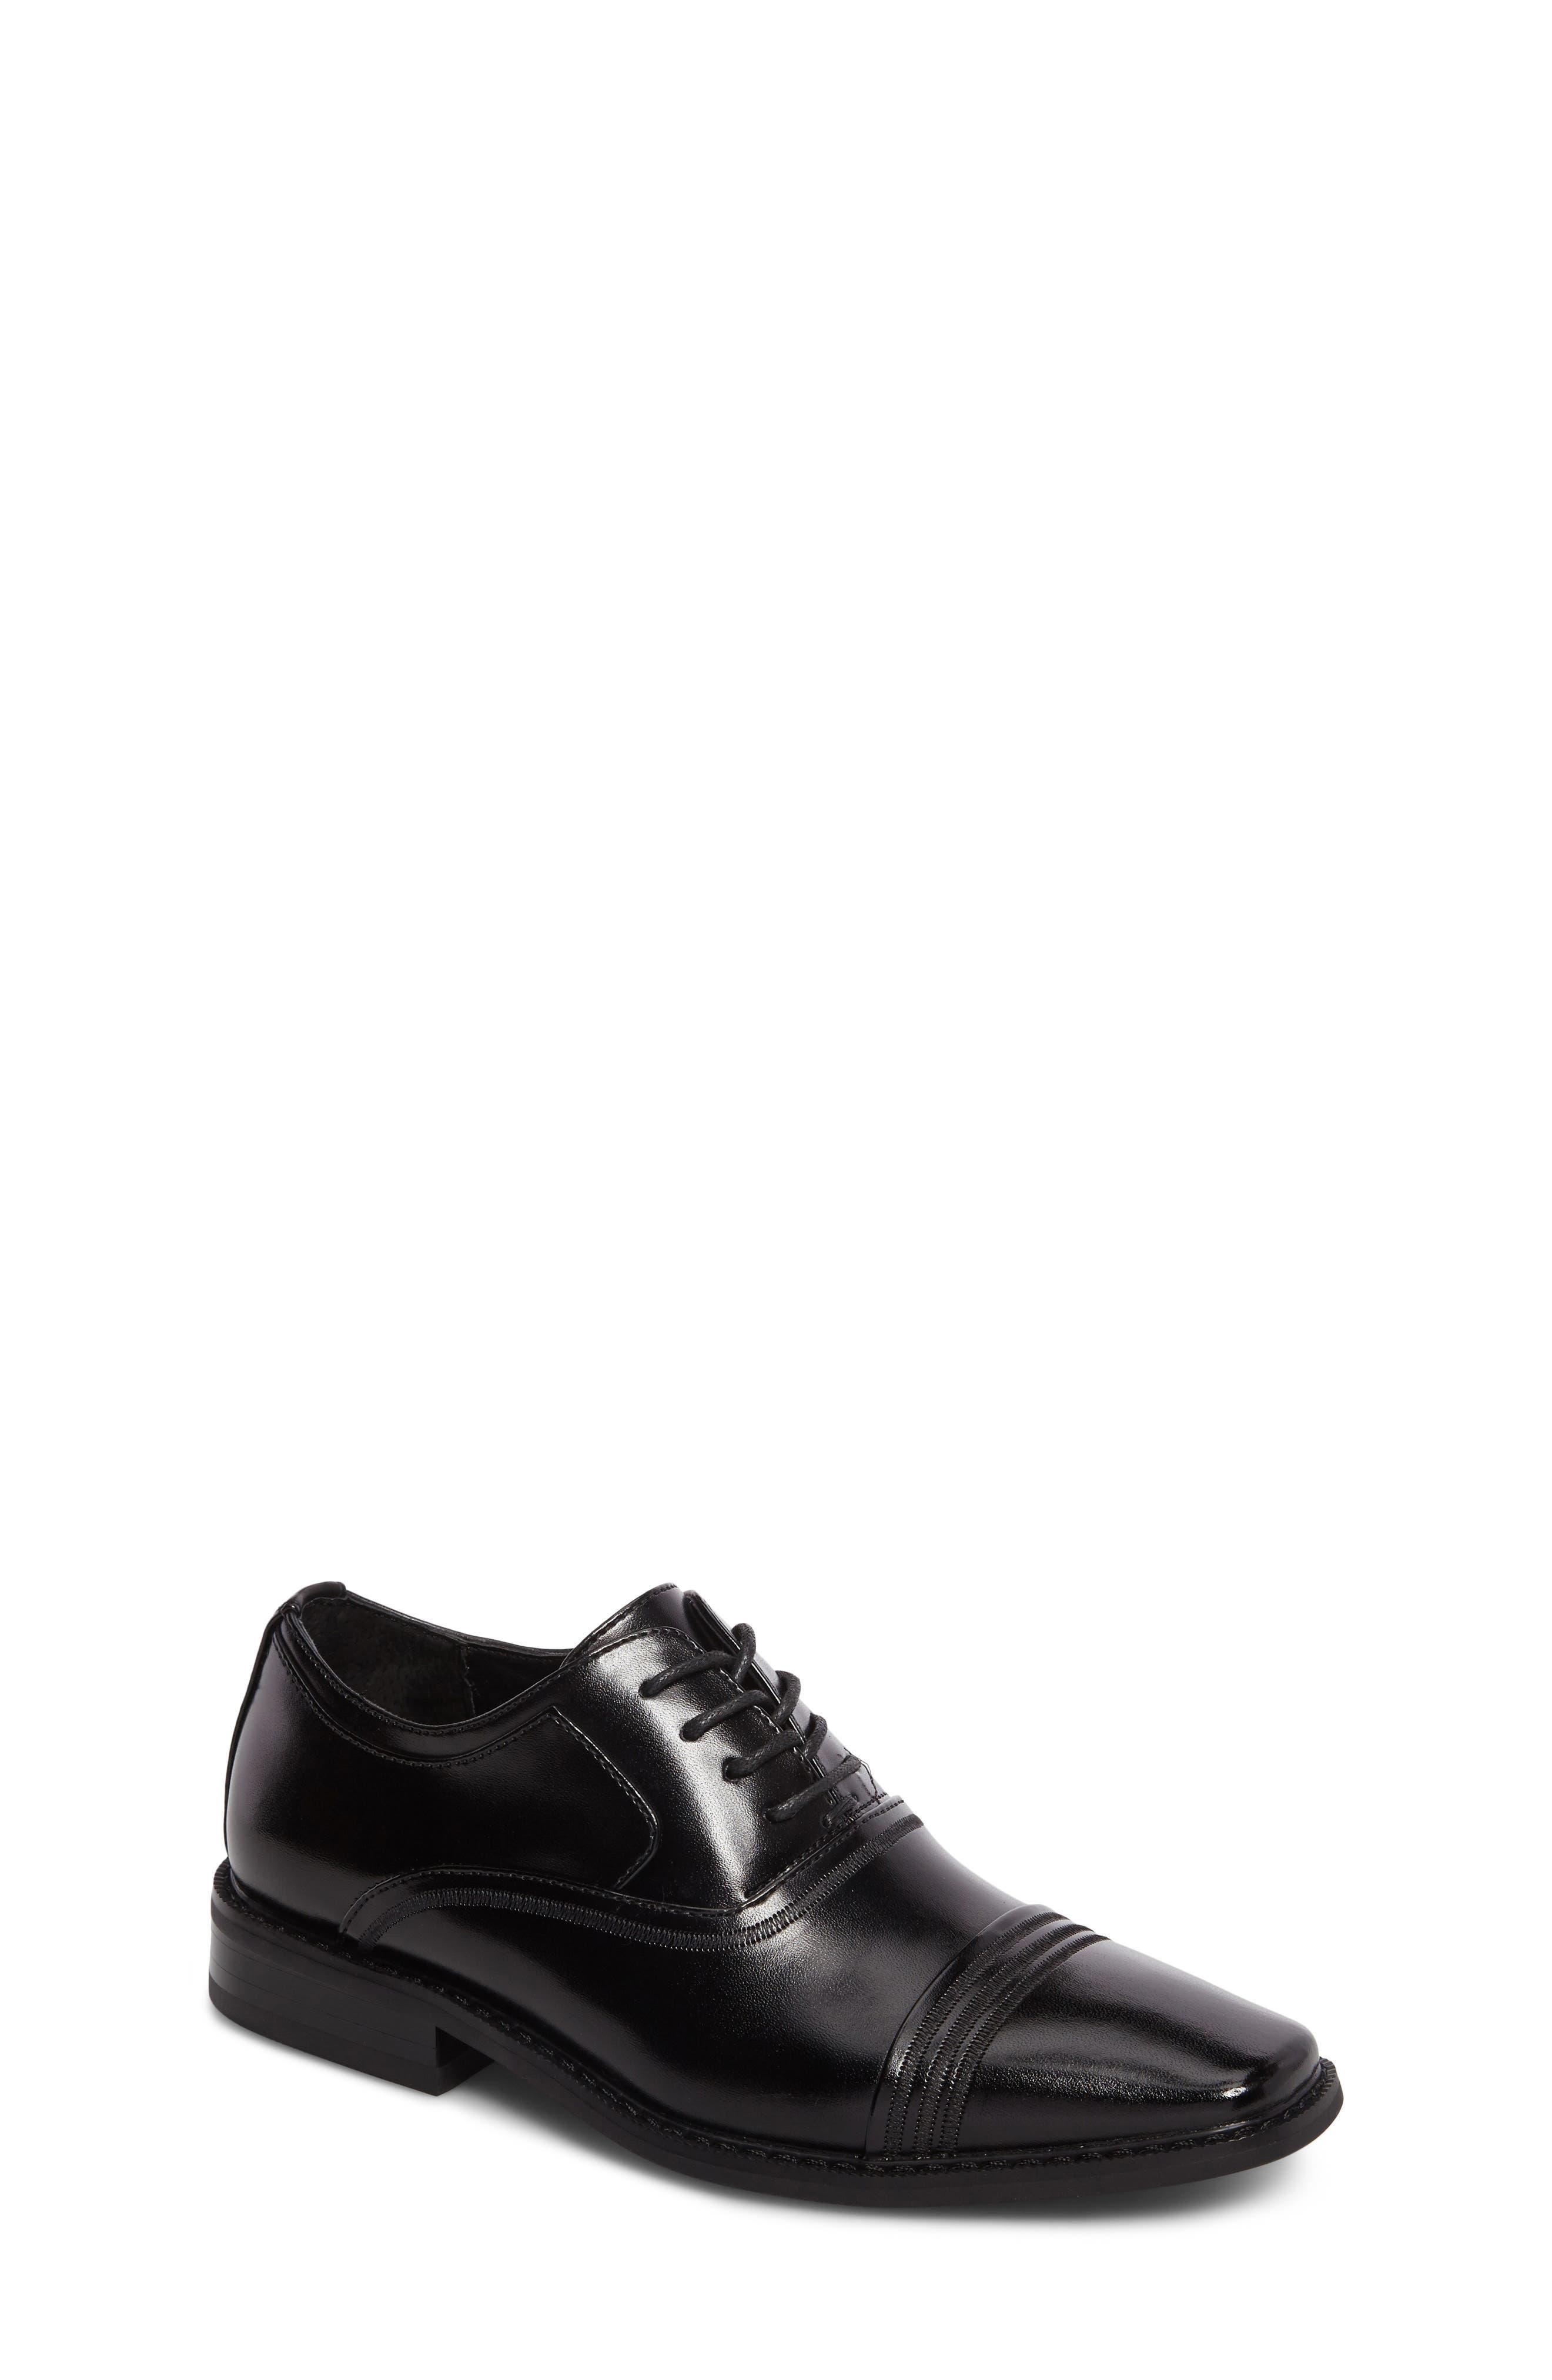 Bingham Cap Toe Oxford,                         Main,                         color, BLACK